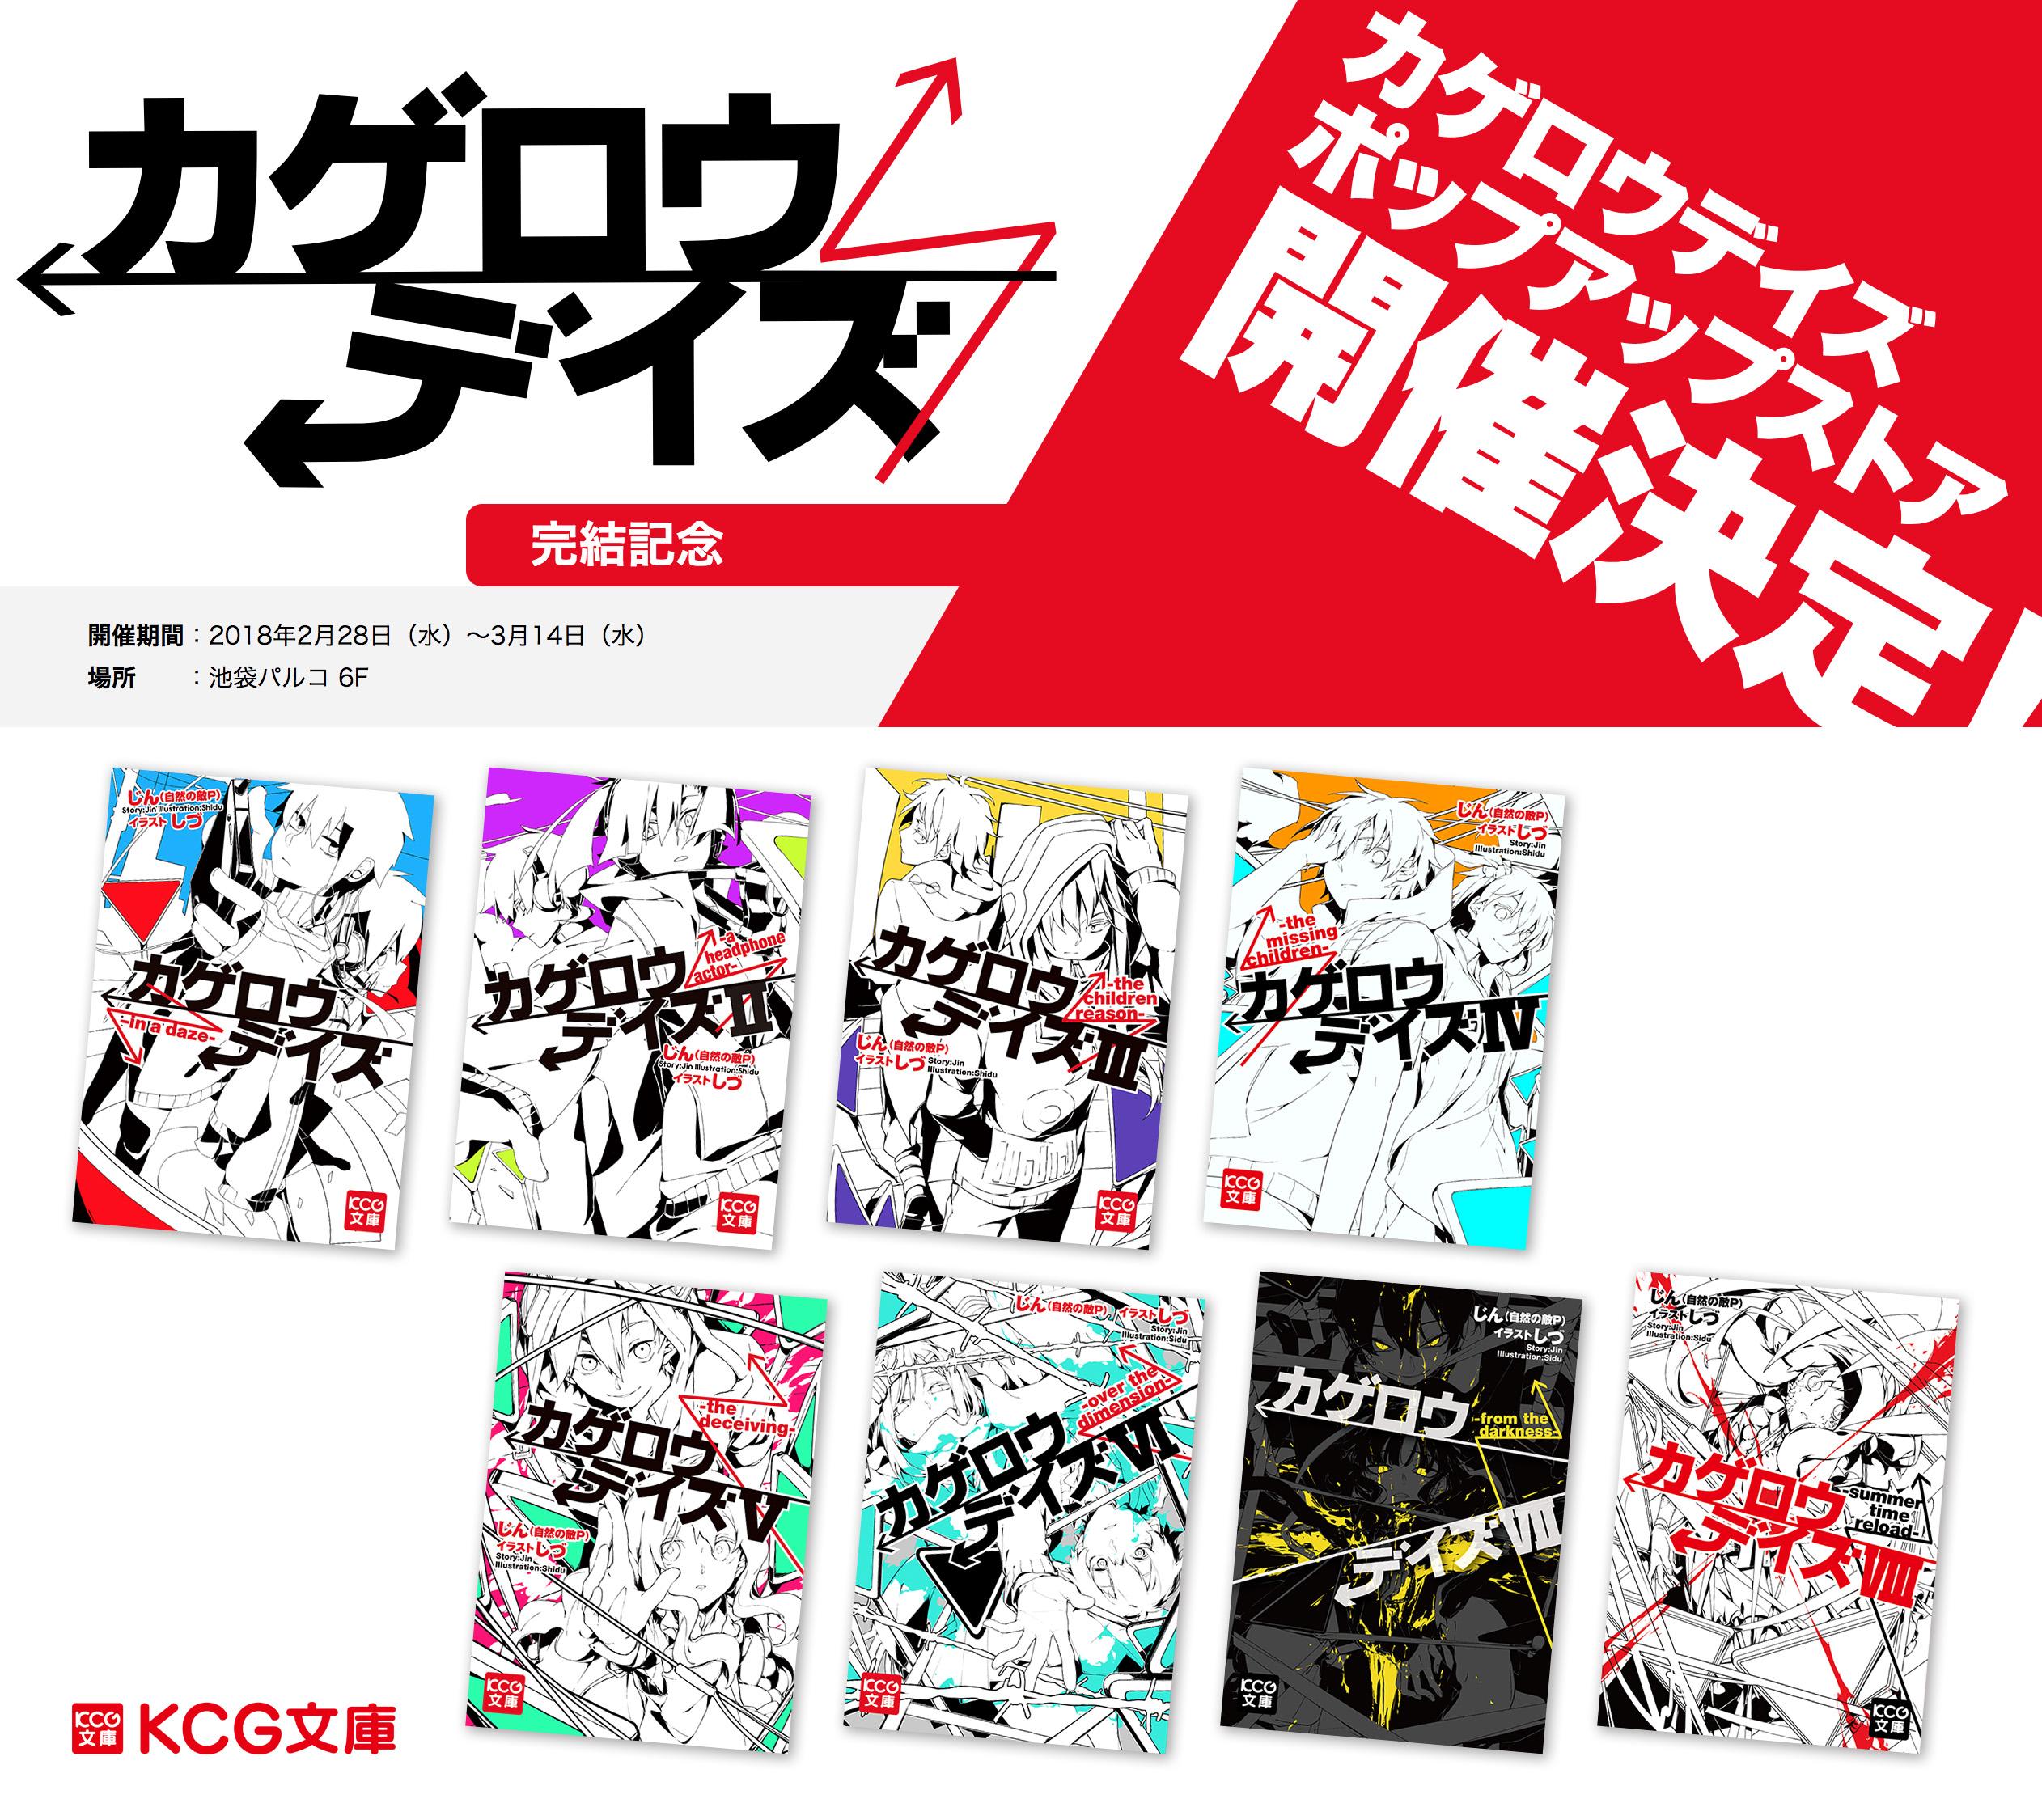 カゲロウデイズ 小説版 完結記念 ポップアップストア カゲロウデイズ 開催 オリジナルグッズ発売 株式会社kadokawaのプレスリリース